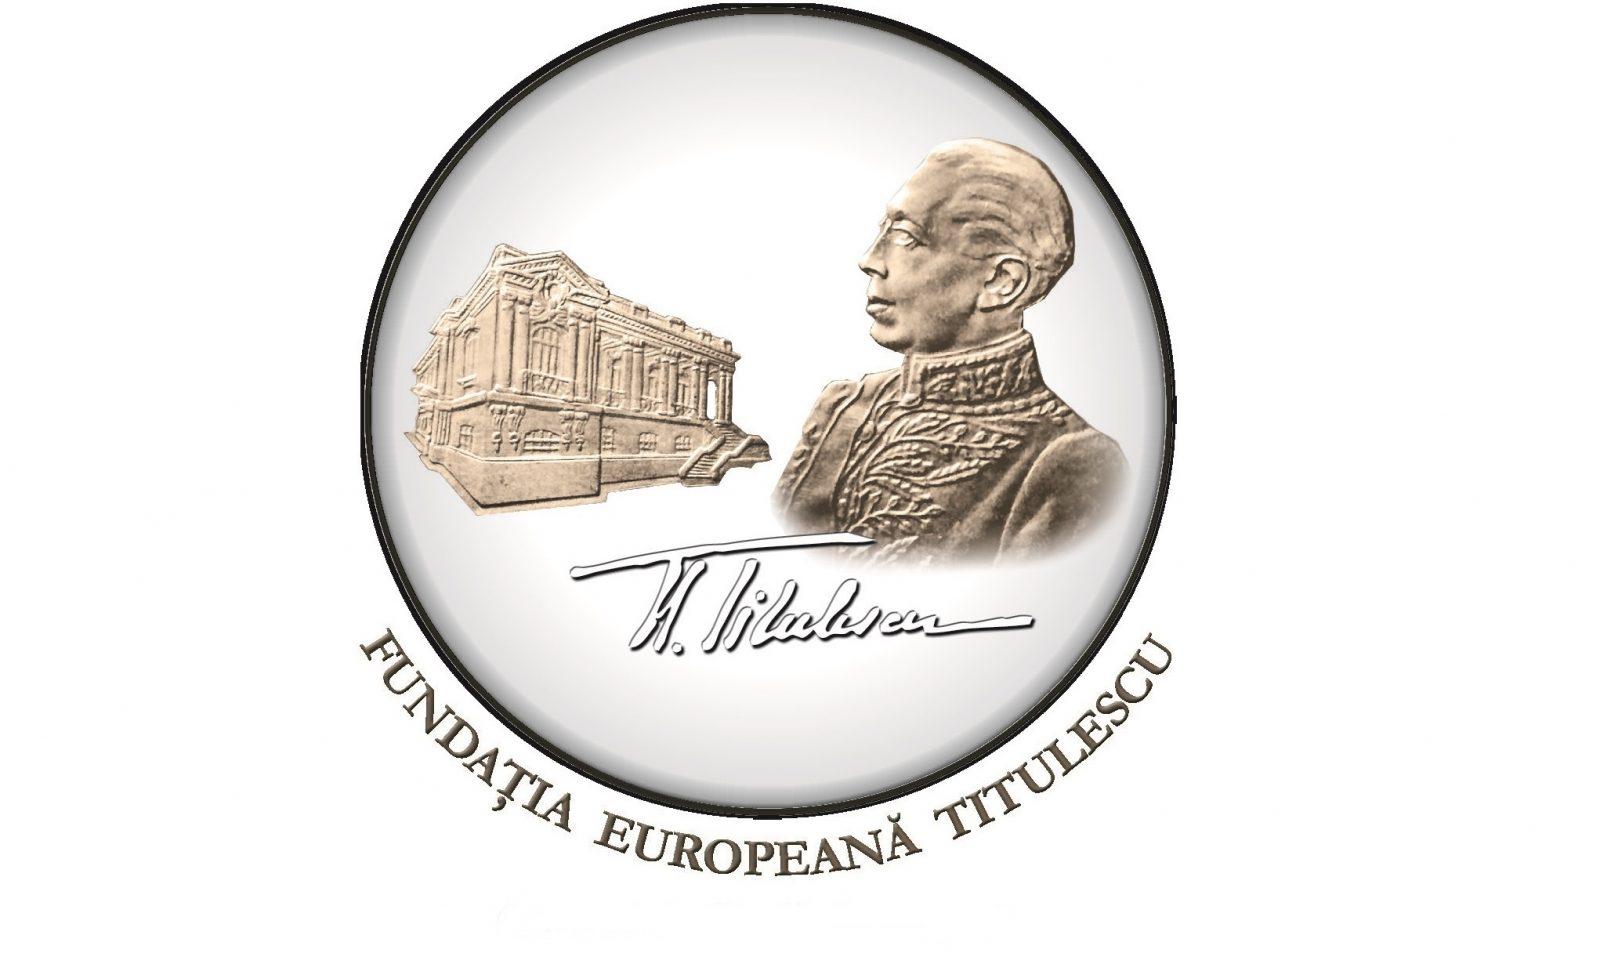 Raportul de activitate al Fundației Europene Titulescu pe perioada 2002-2006